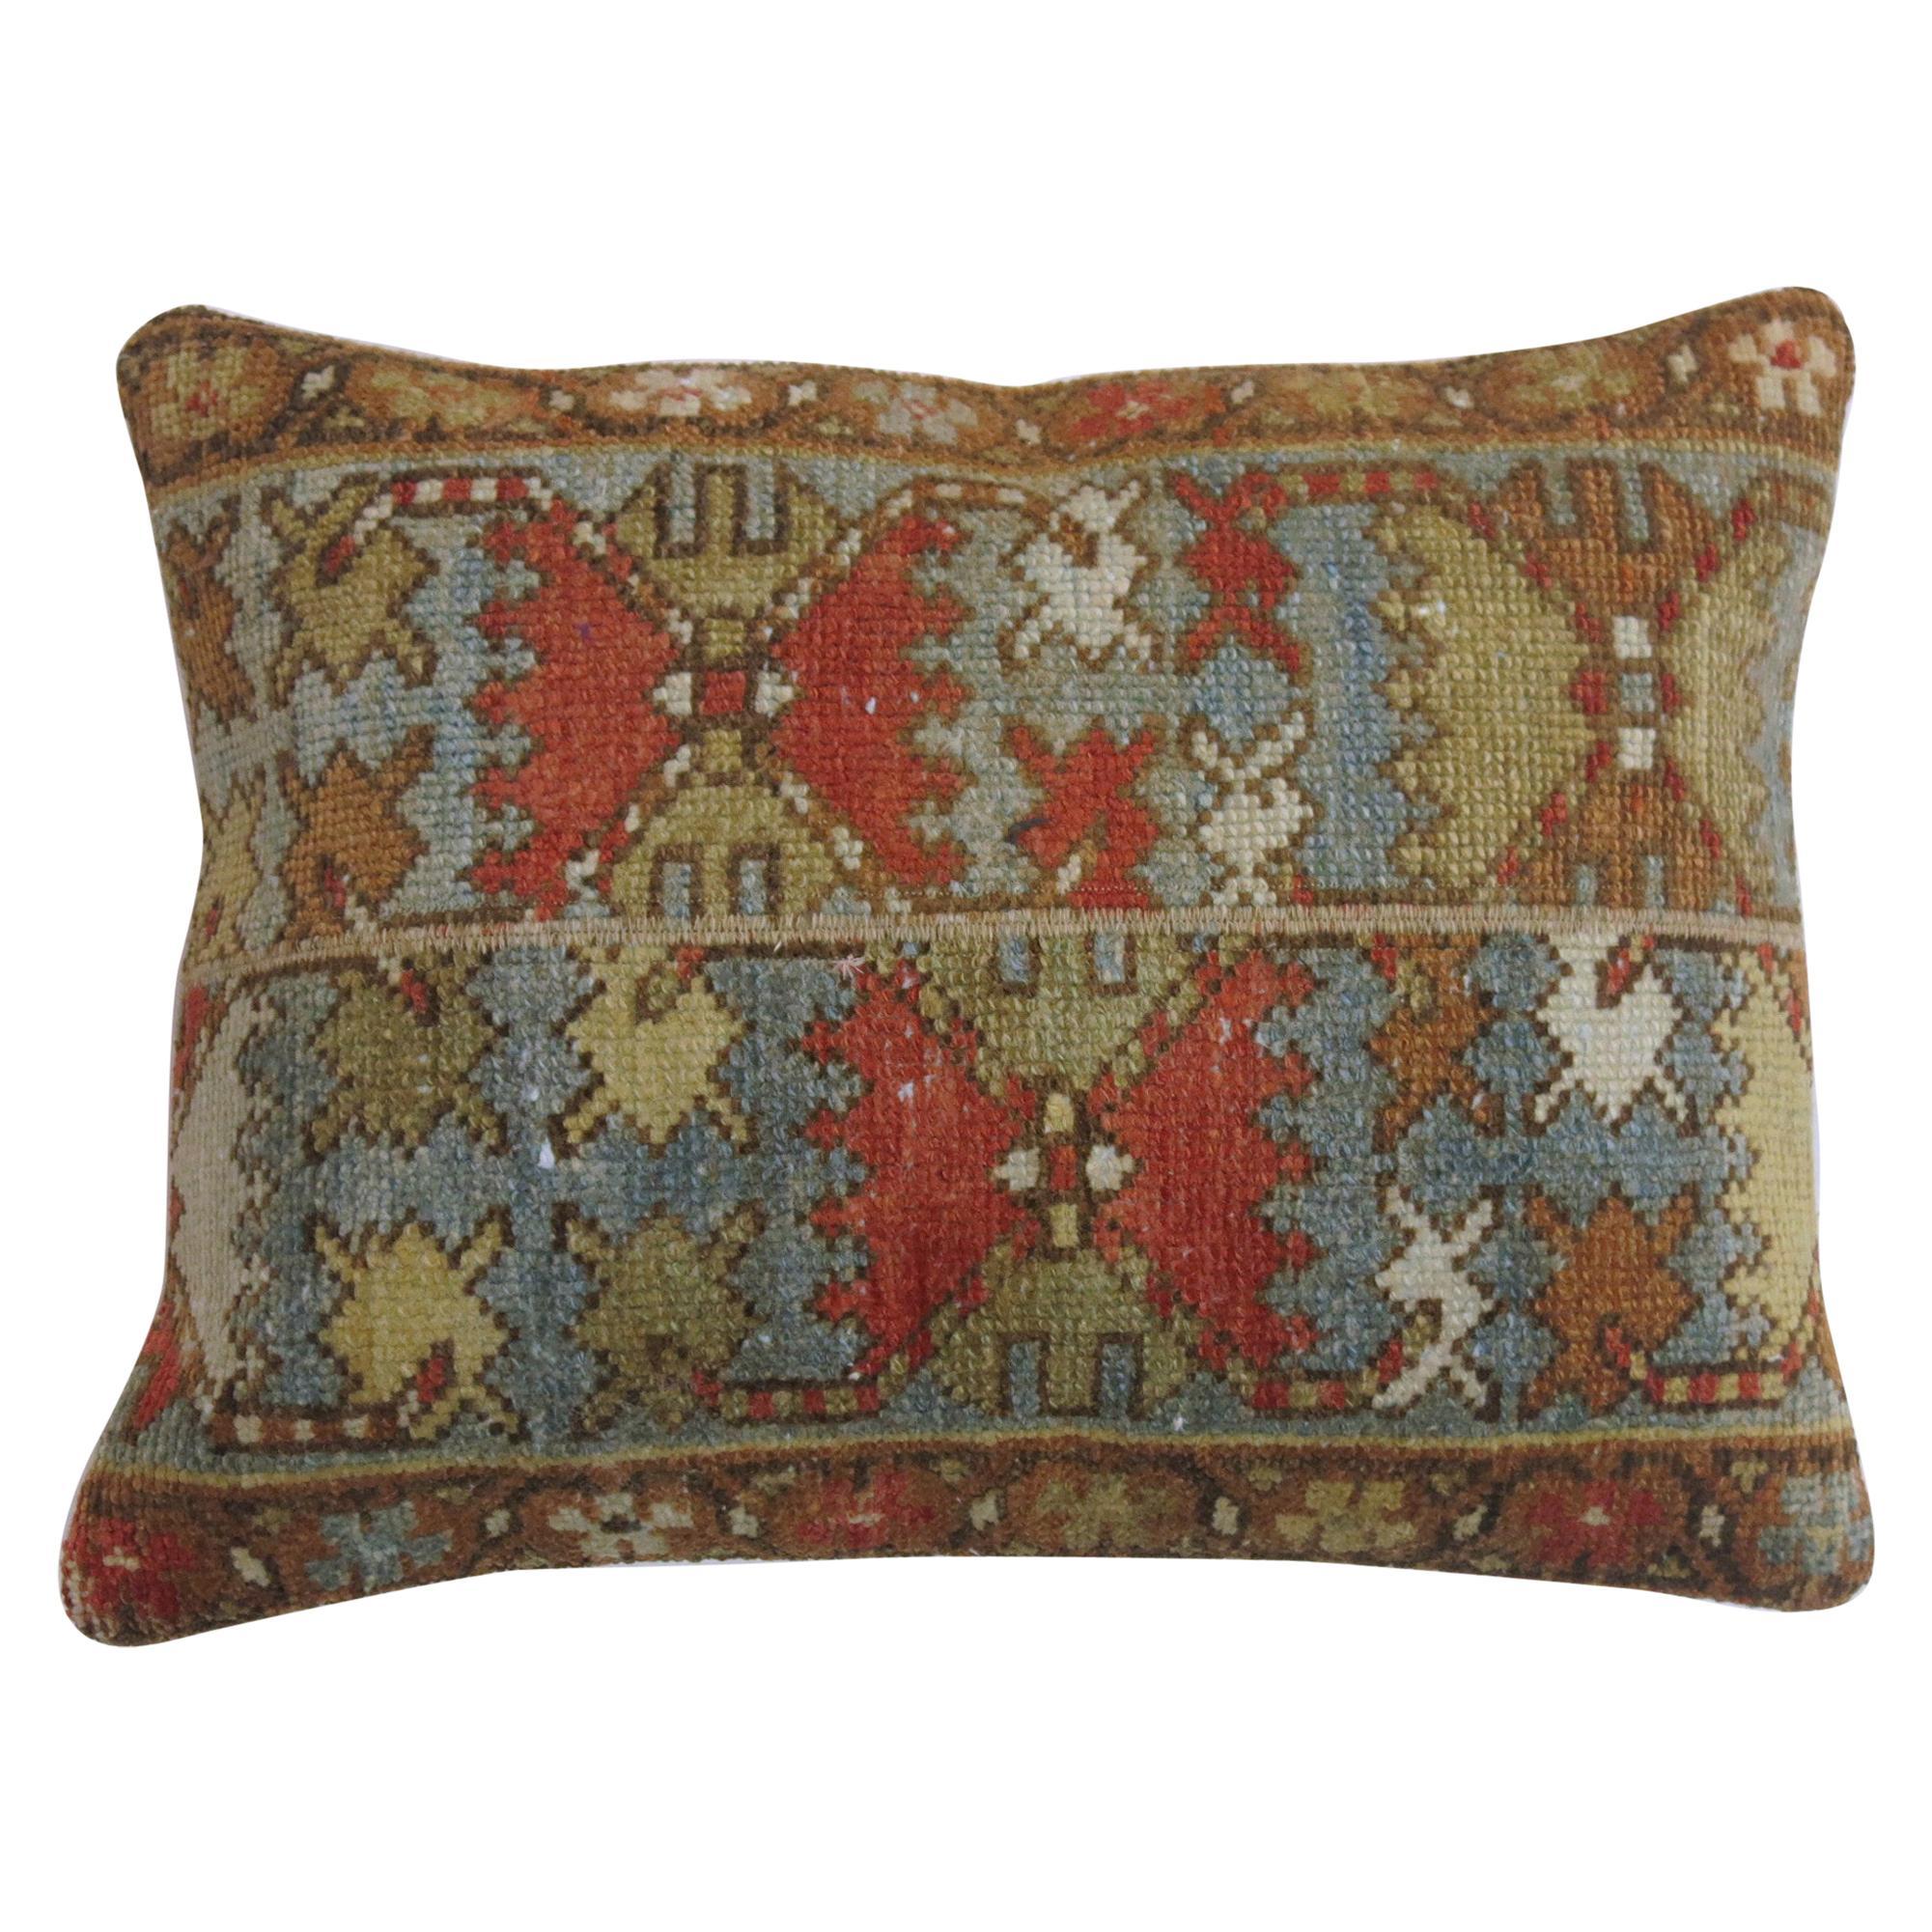 Rustic Persian Malayer Lumbar Size Rug Pillow